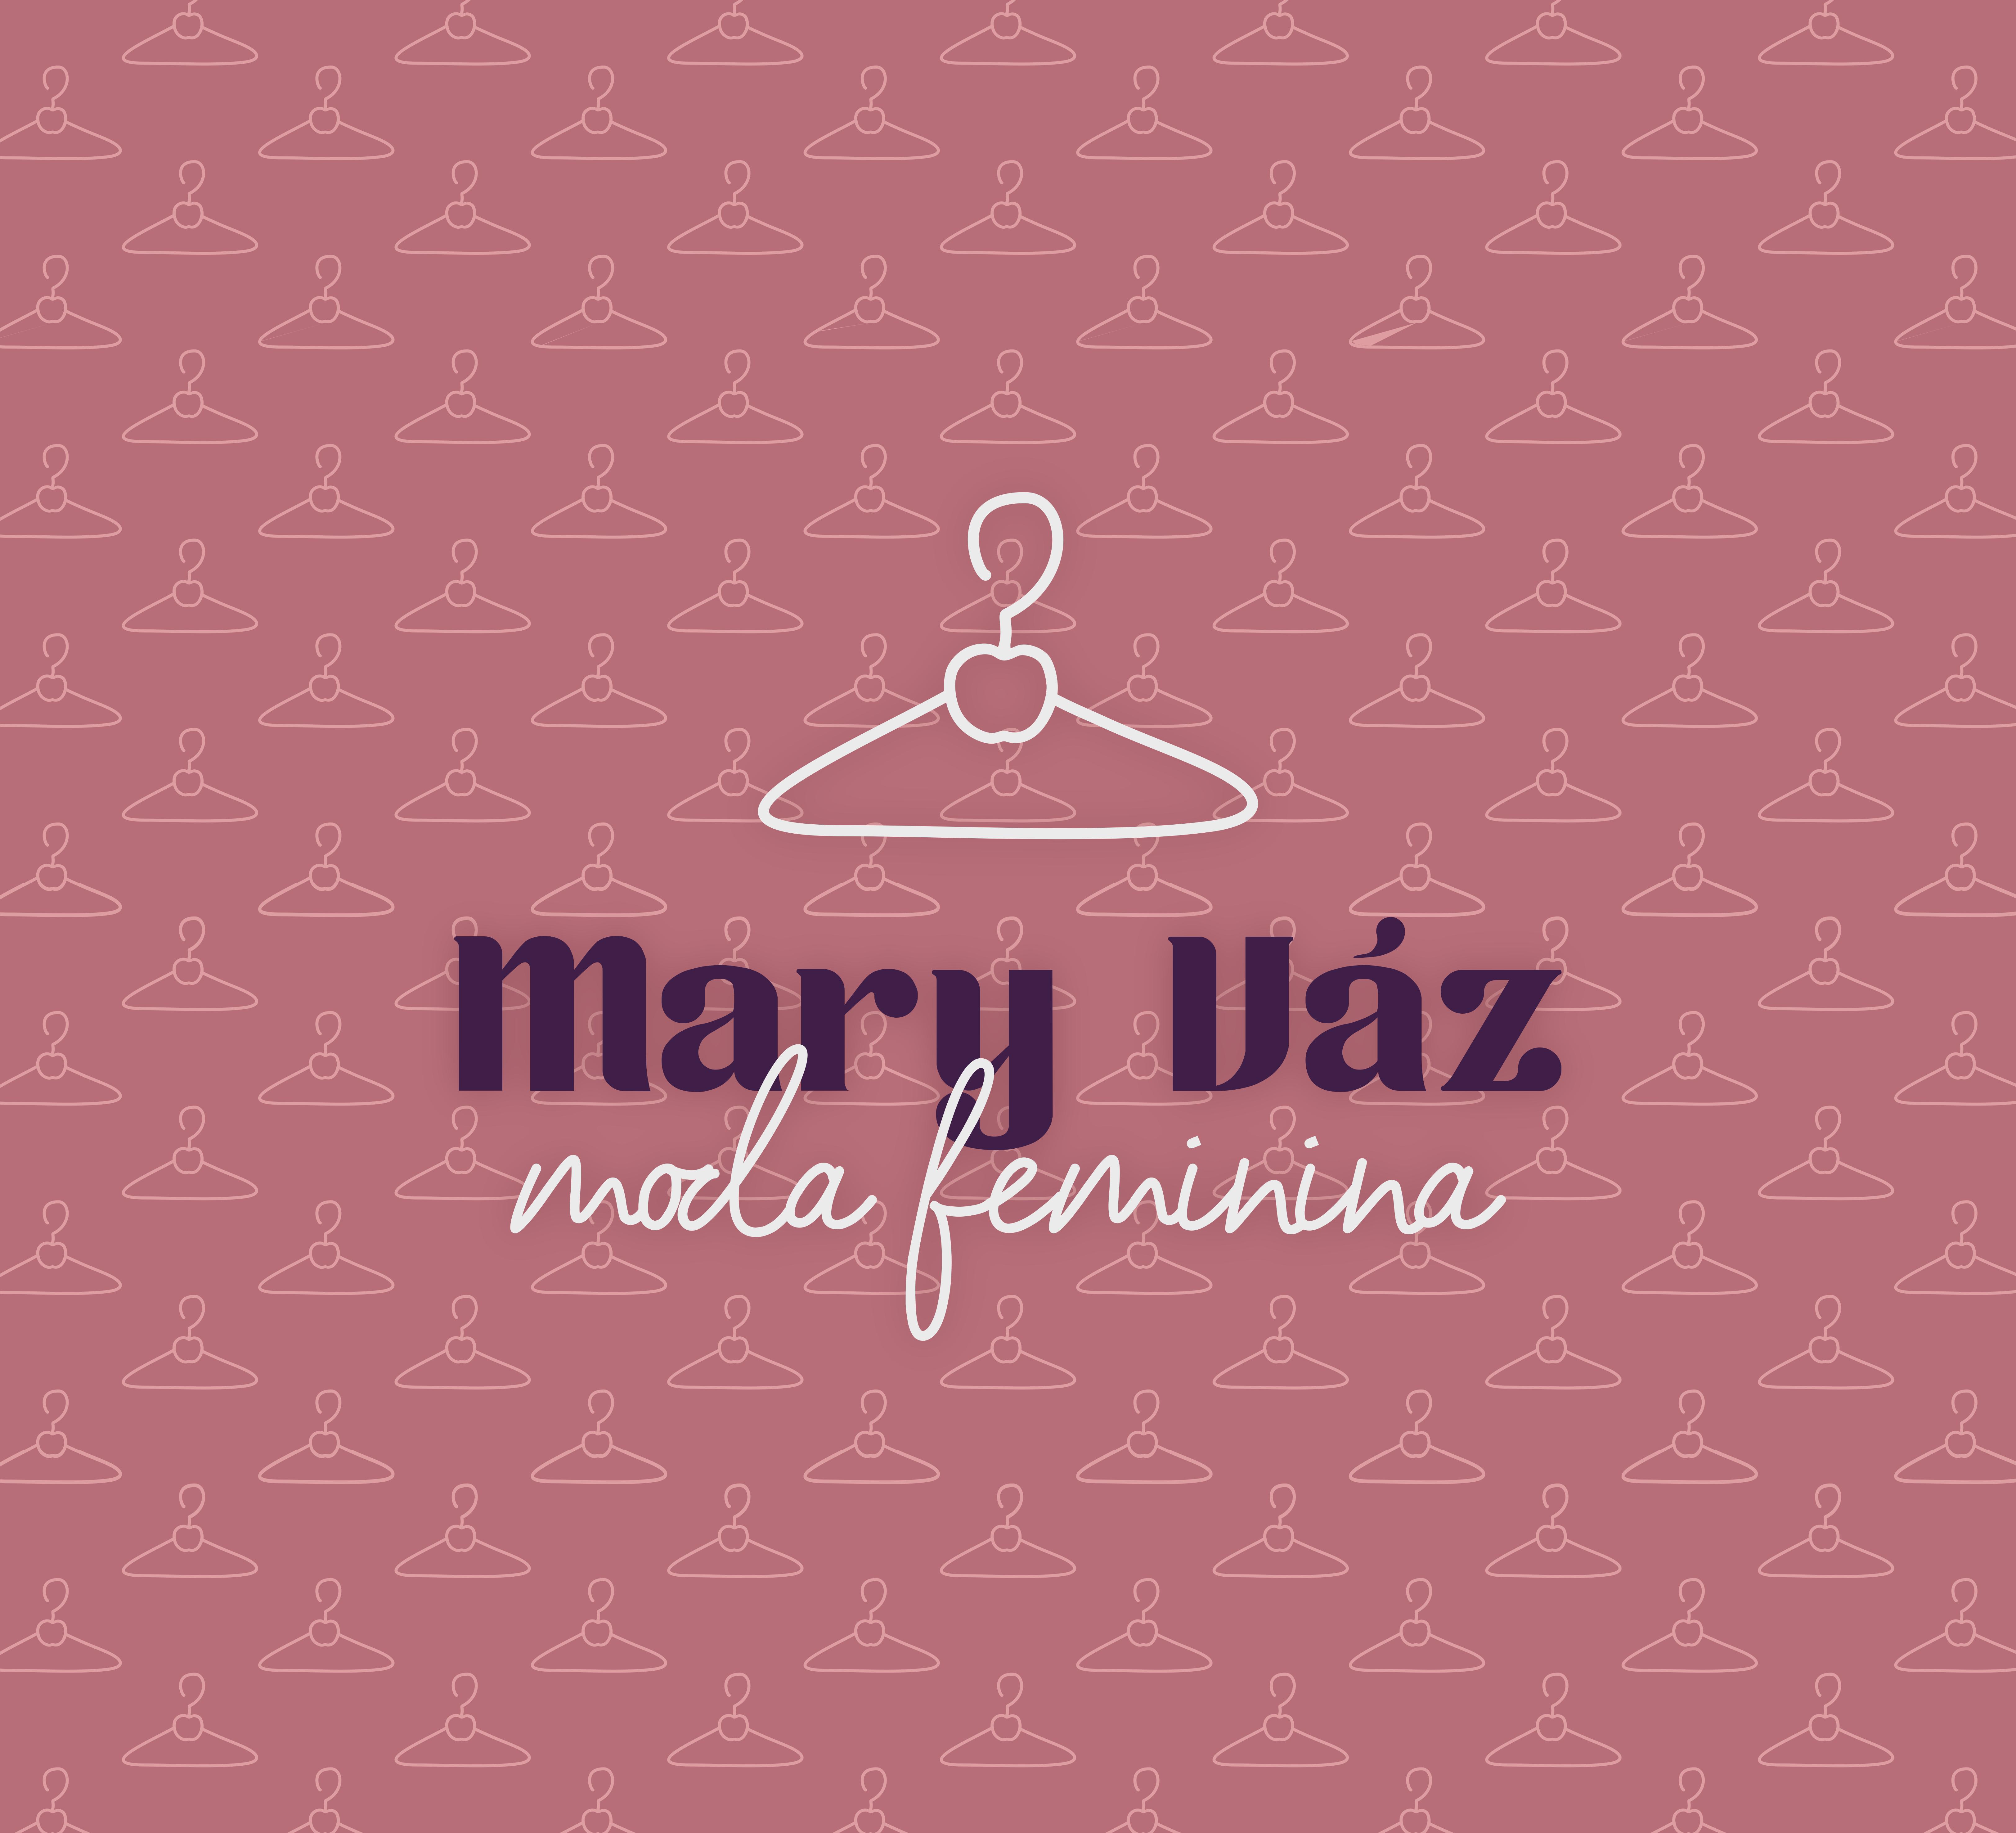 Mary váz moda feminina